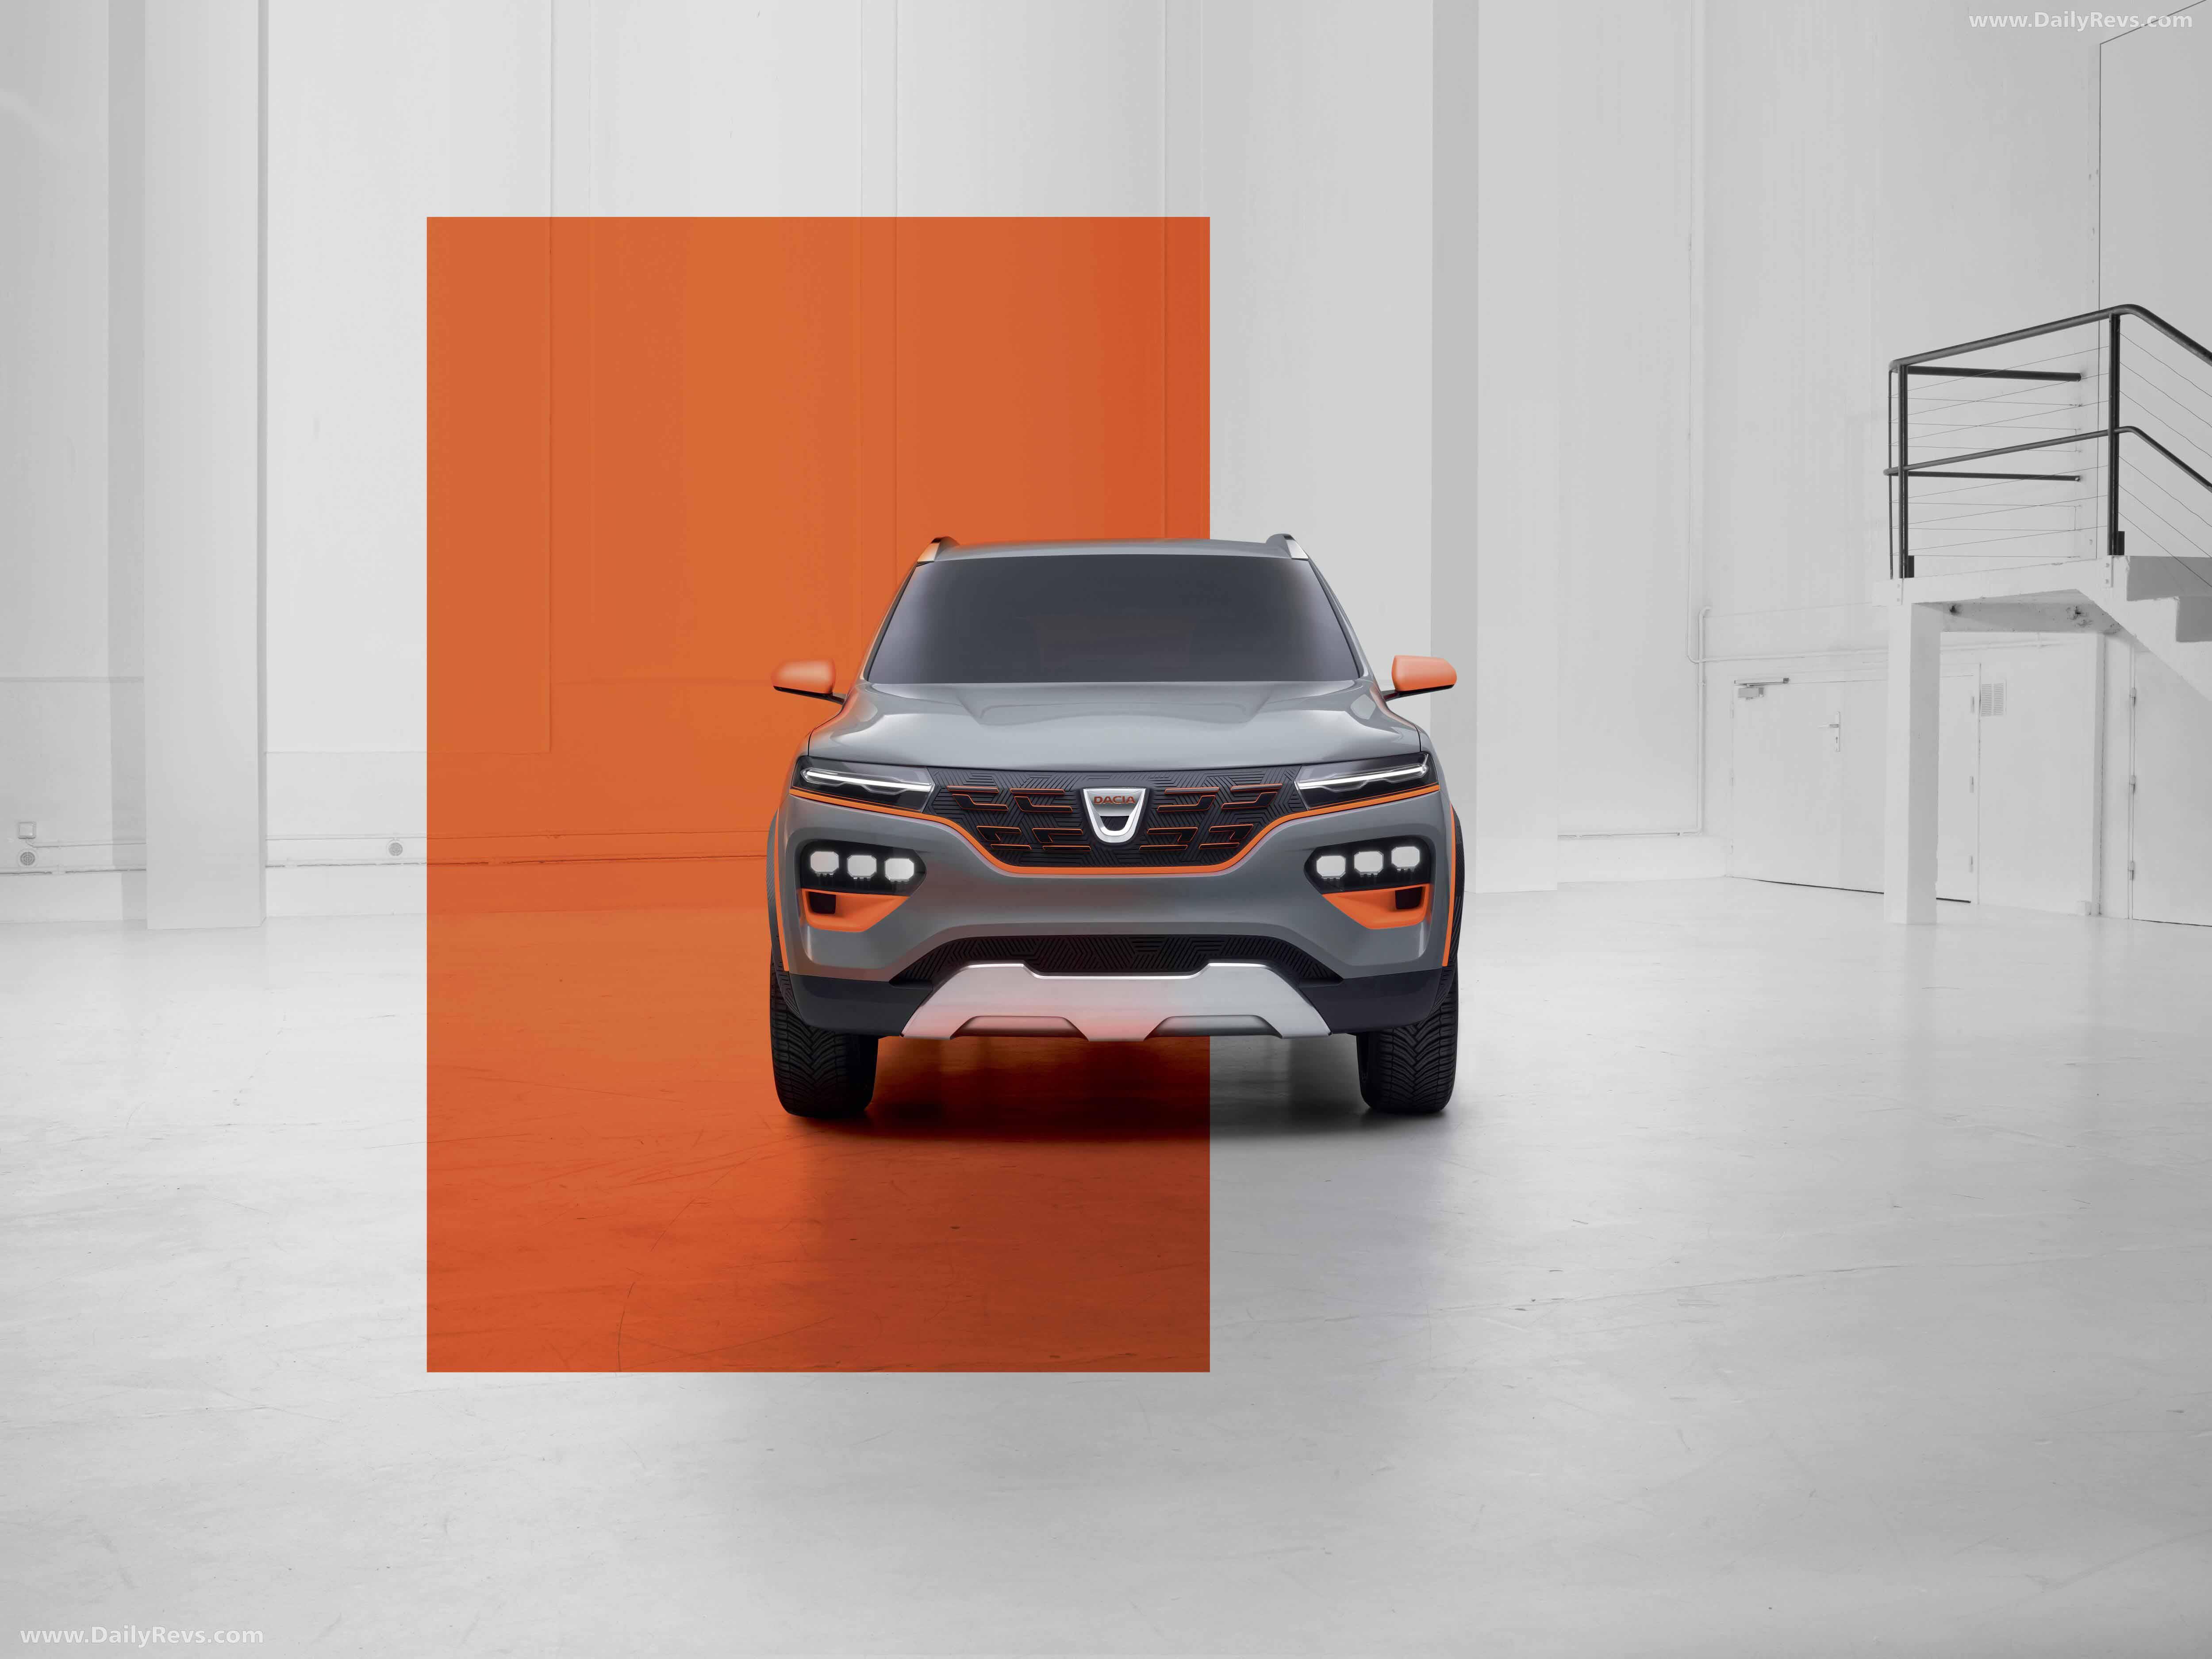 2020 Dacia Spring Electric Concept full